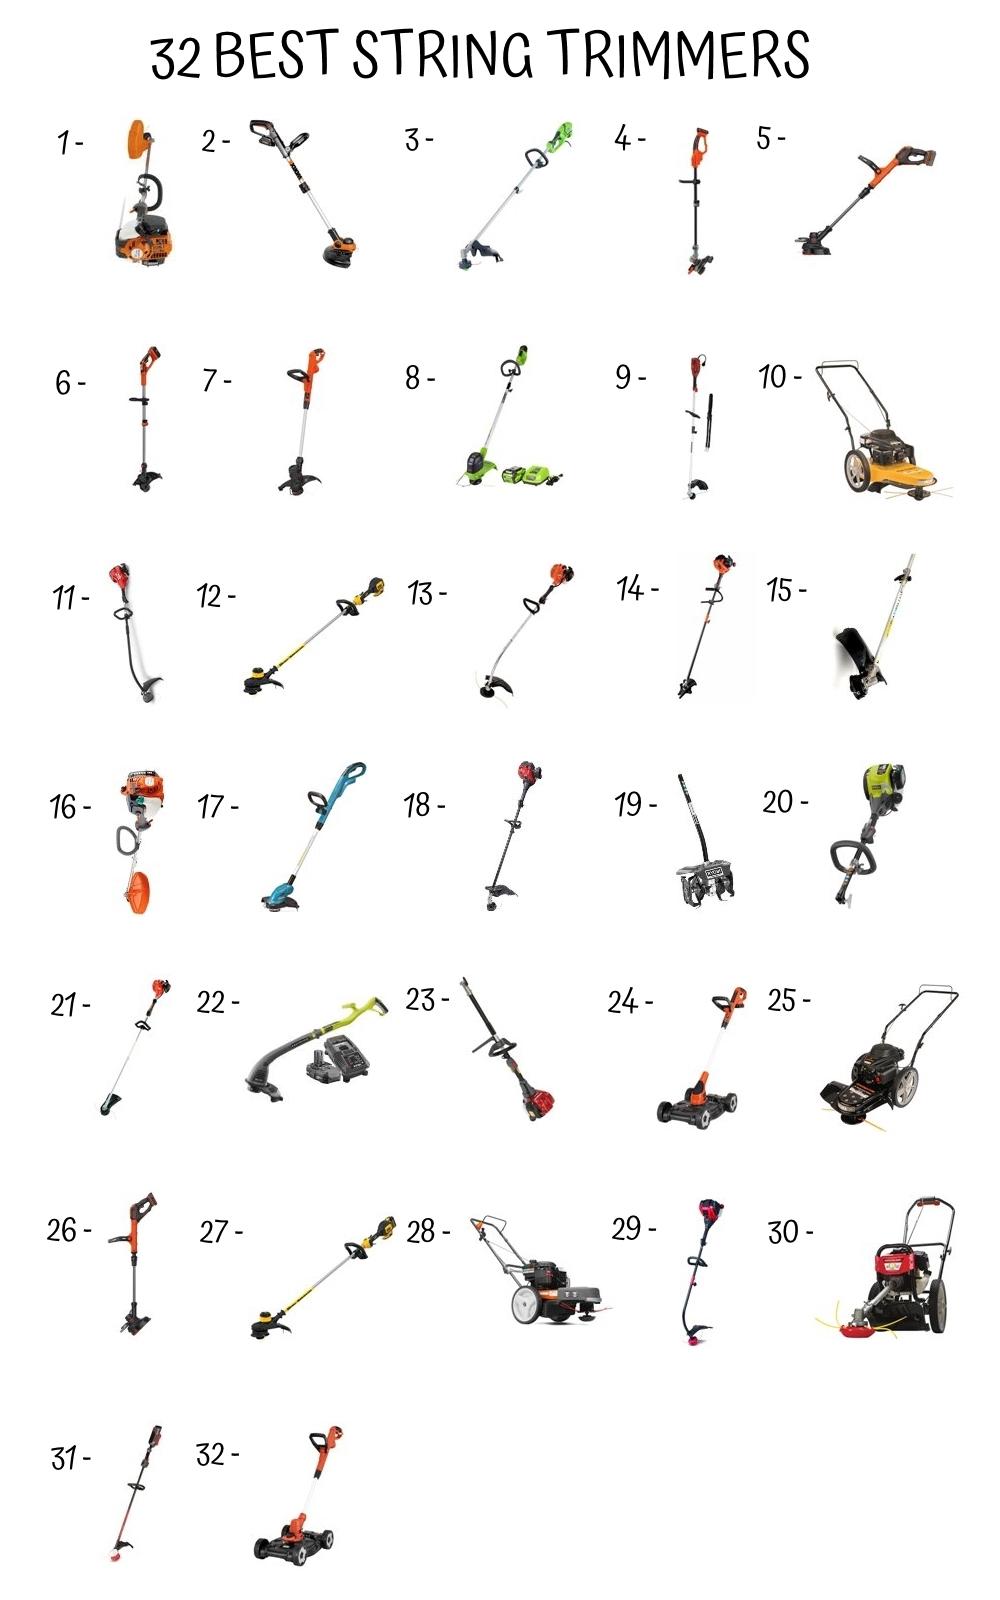 32 Best String Trimmer